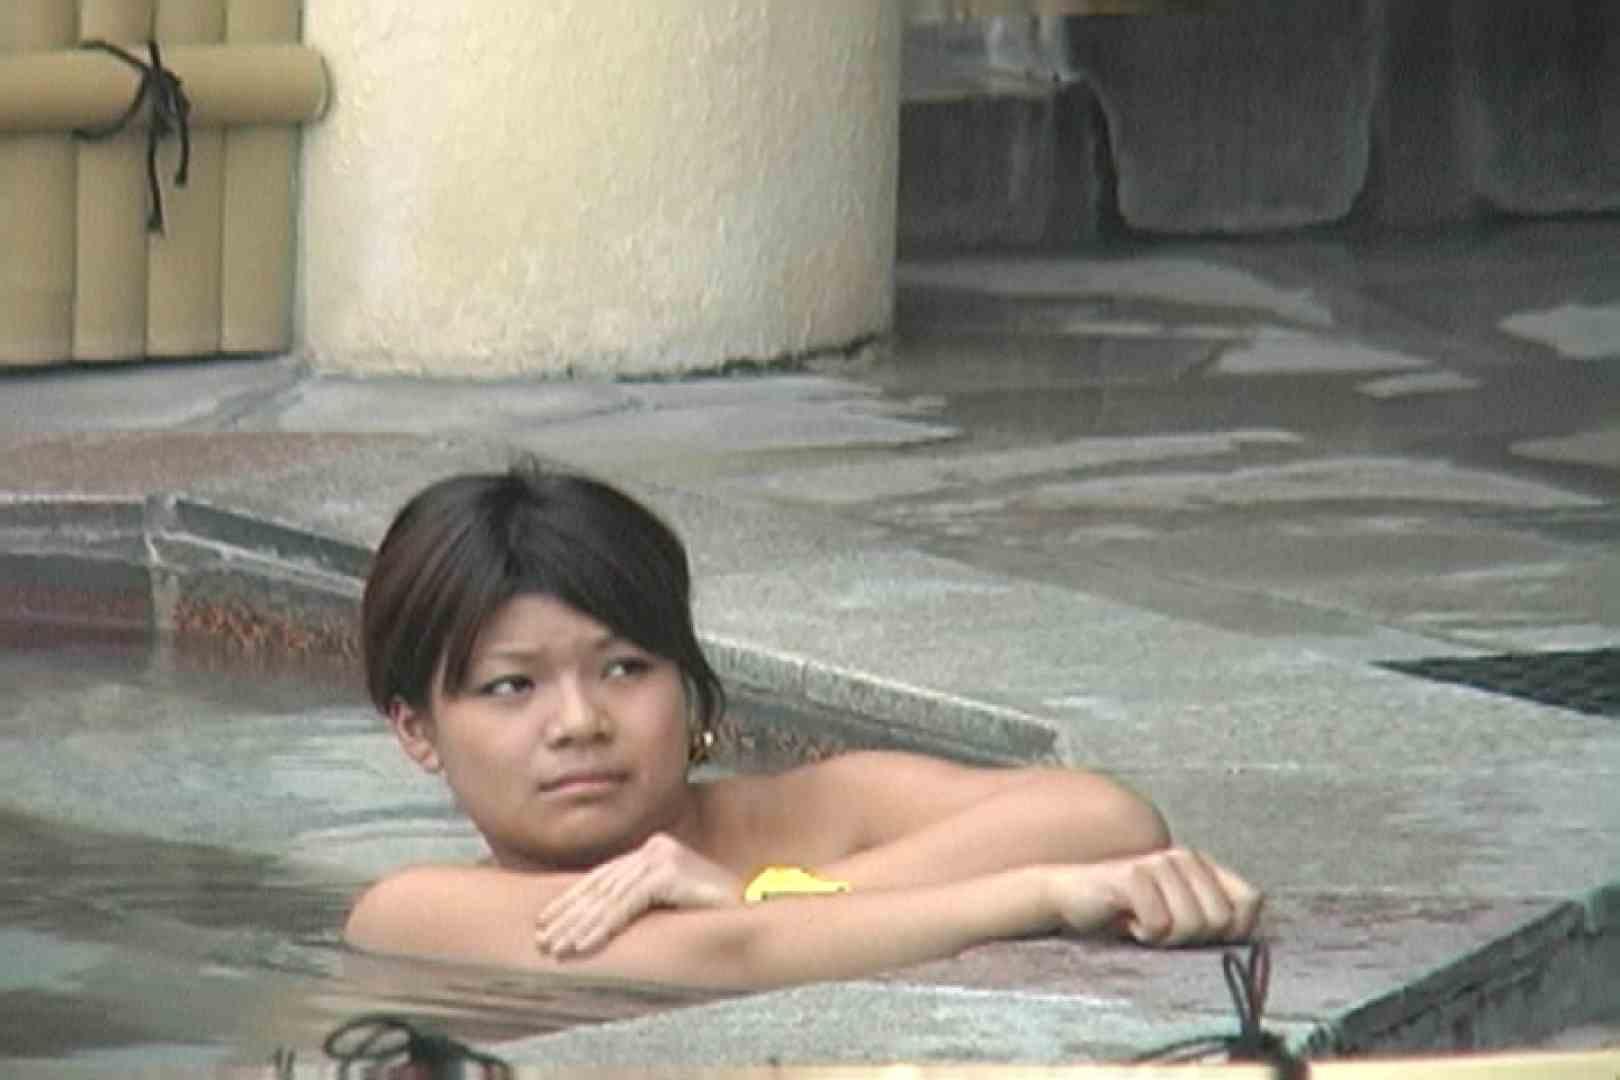 Aquaな露天風呂Vol.544 盗撮師作品 | 美しいOLの裸体  84pic 61